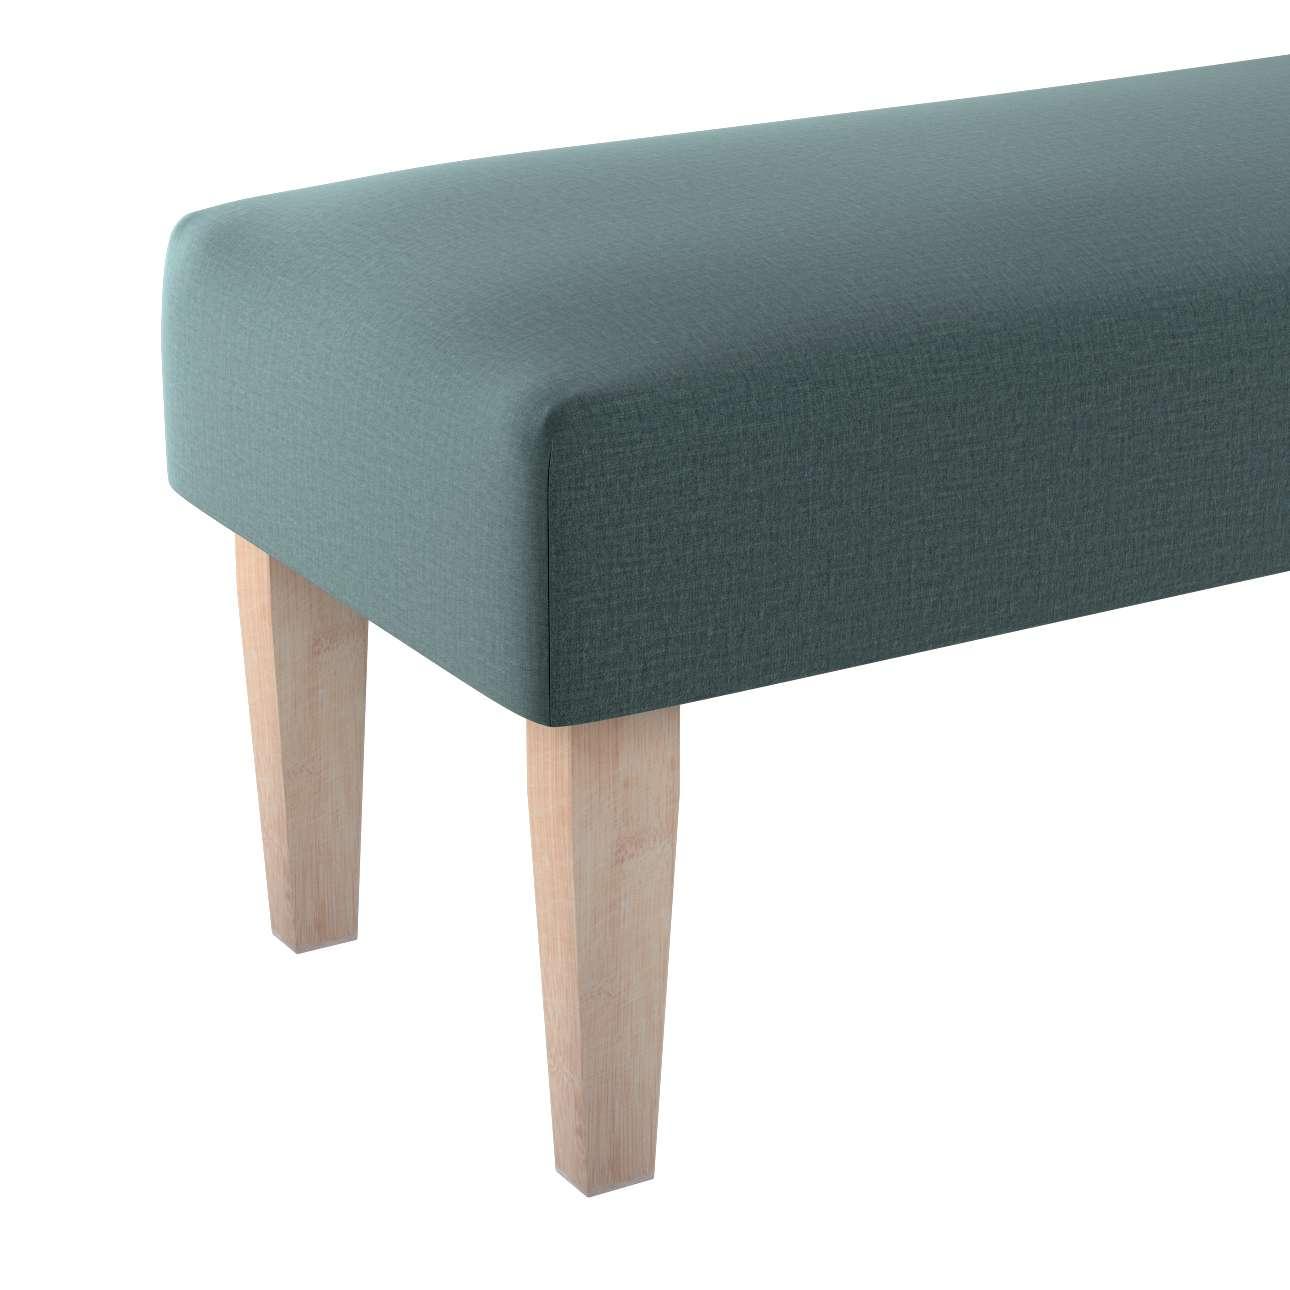 Sitzbank 100cm von der Kollektion Ingrid, Stoff: 705-36